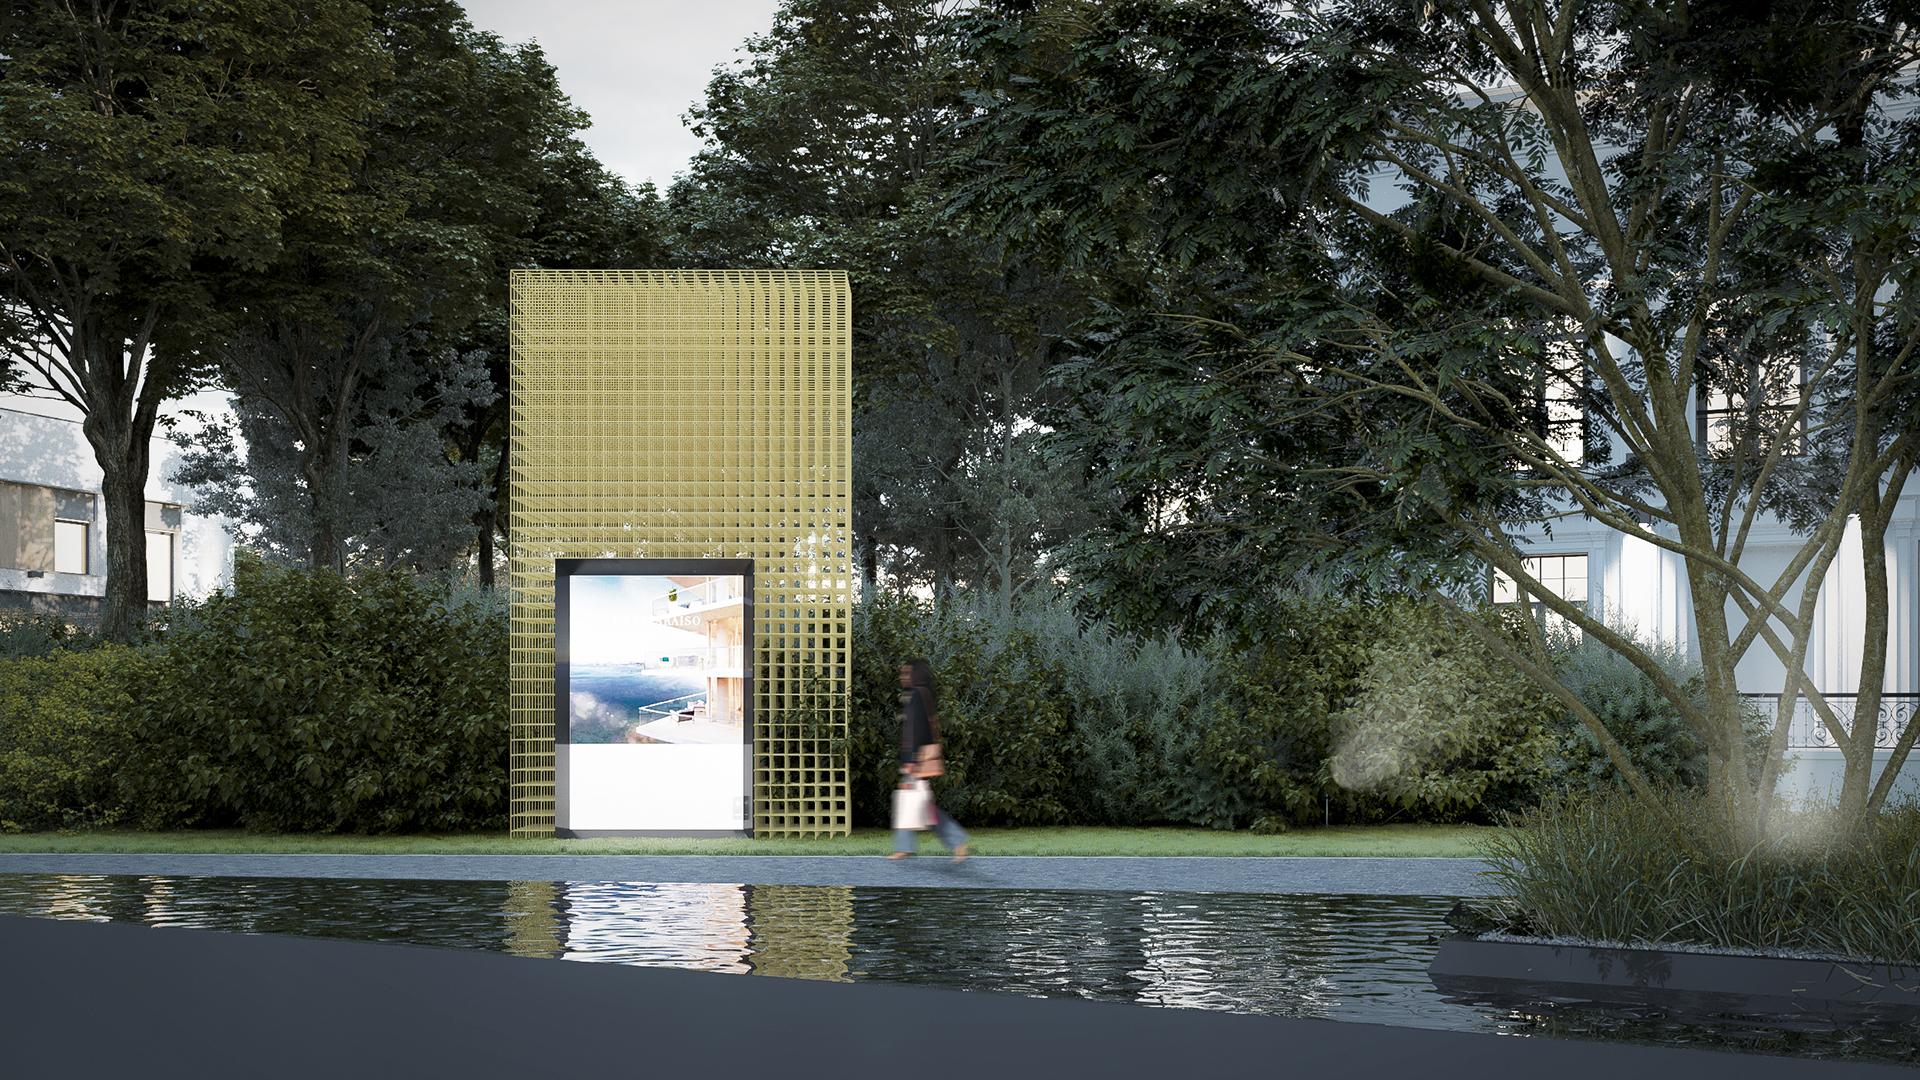 design panouri publicitare